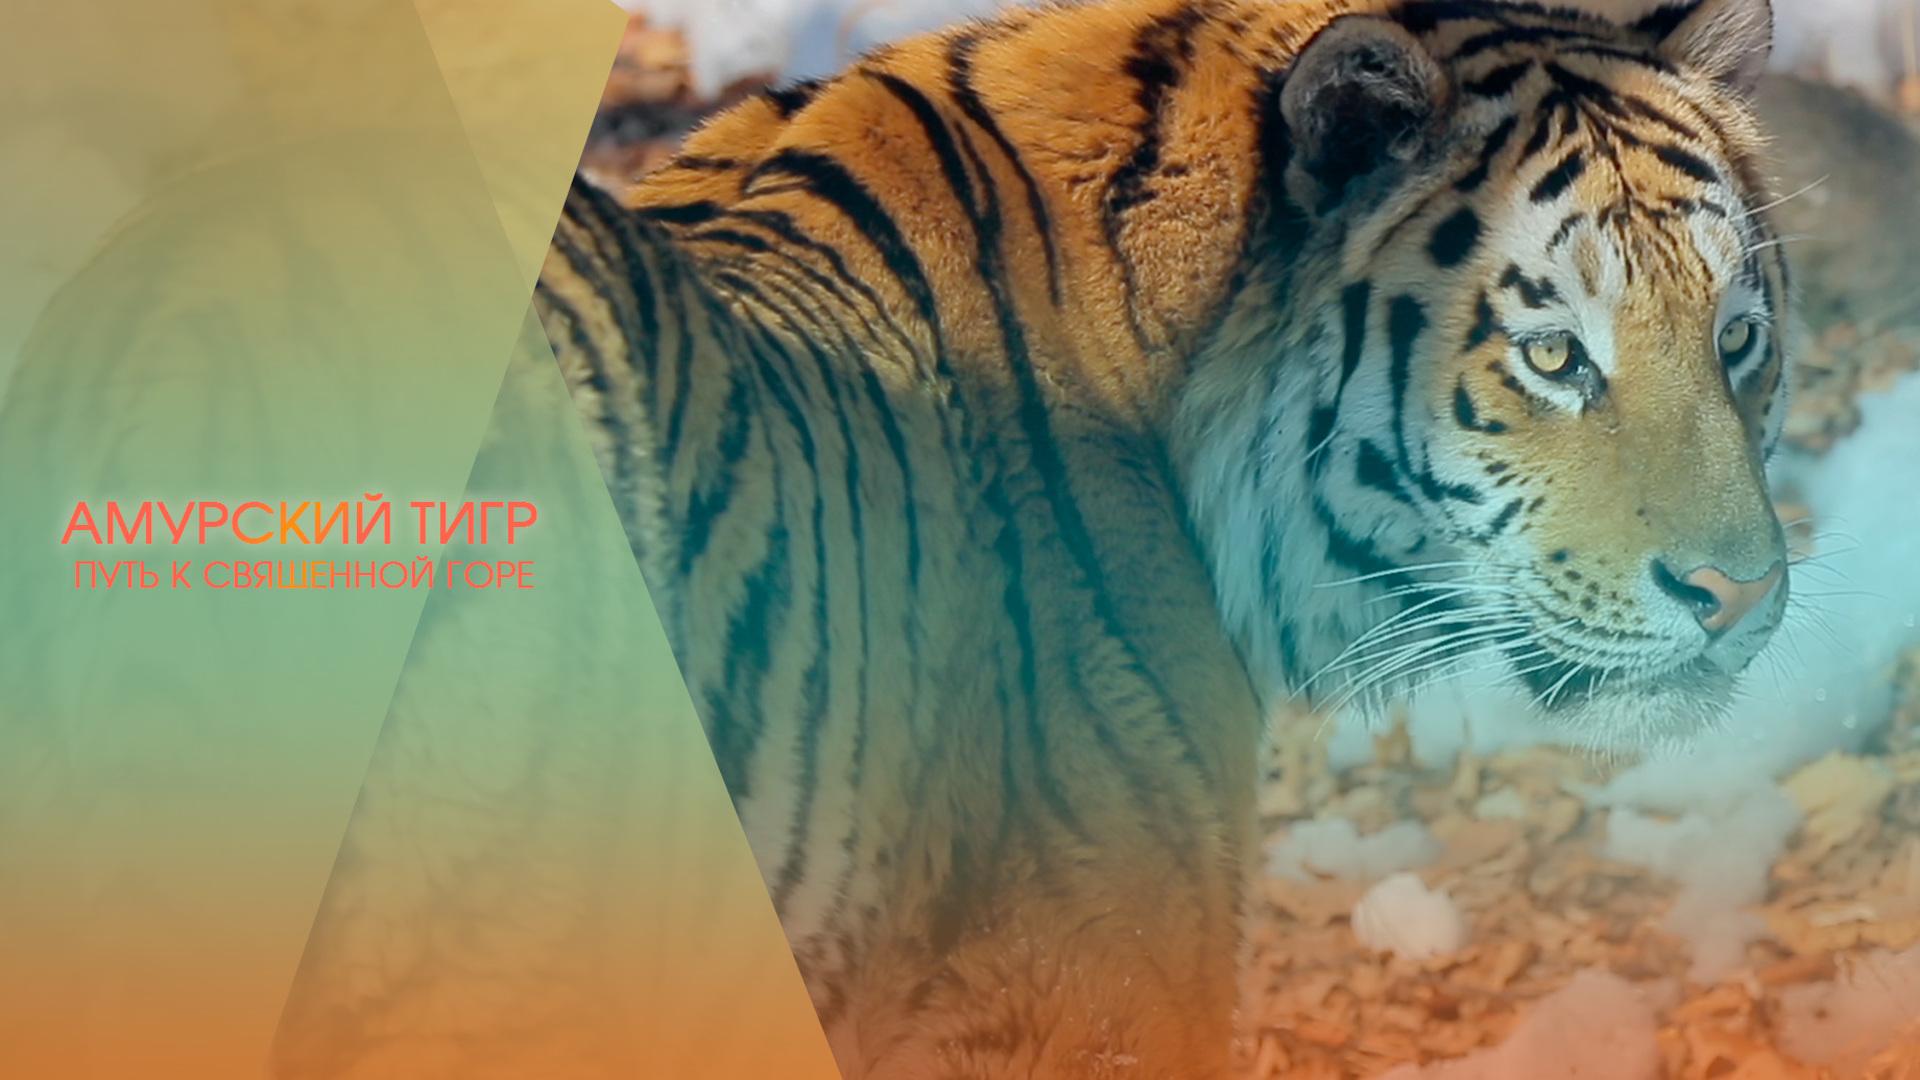 Амурский тигр. Путь к священной горе